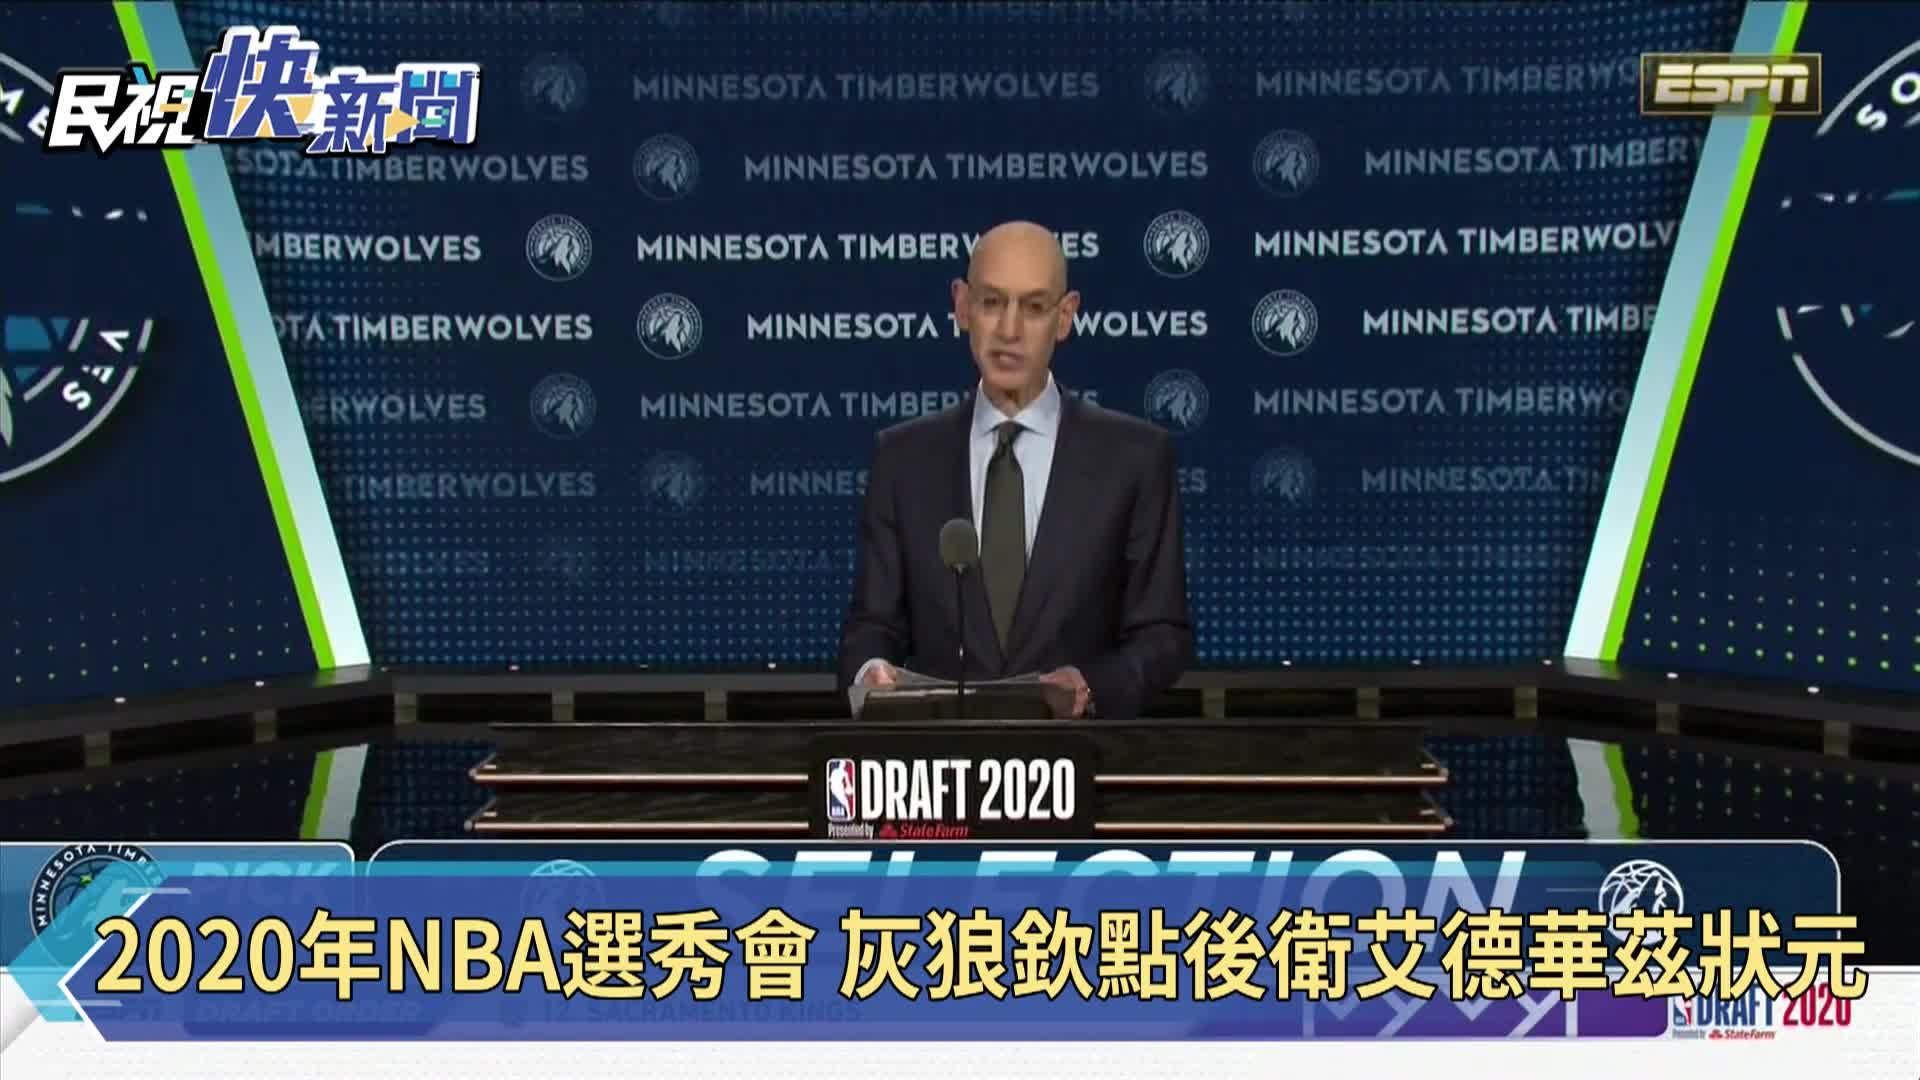 2020年NBA選秀會 灰狼欽點後衛艾德華茲當狀元